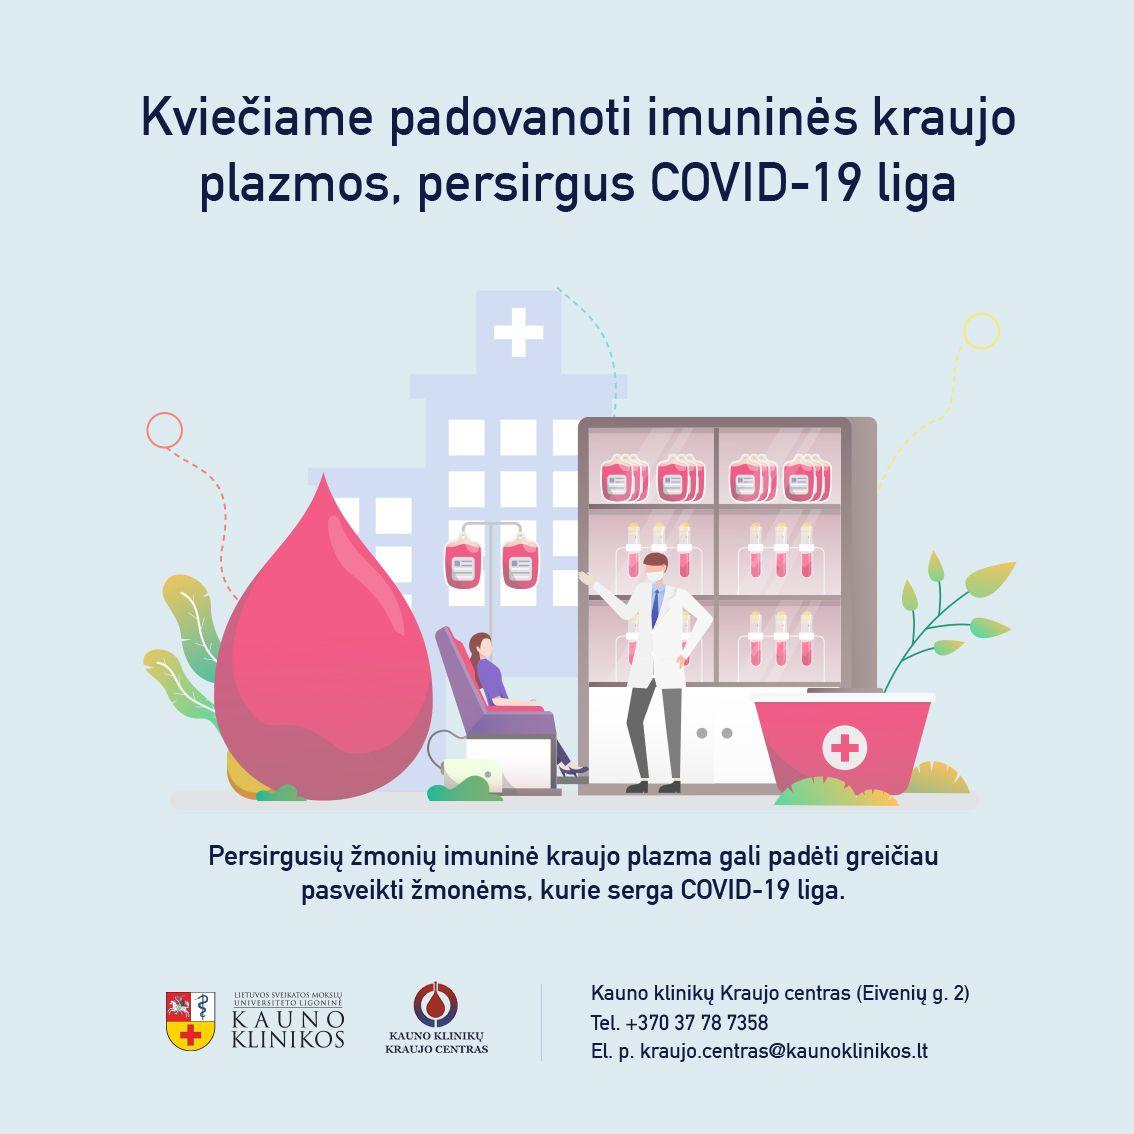 Kvietimas duoti kraujo plazmos